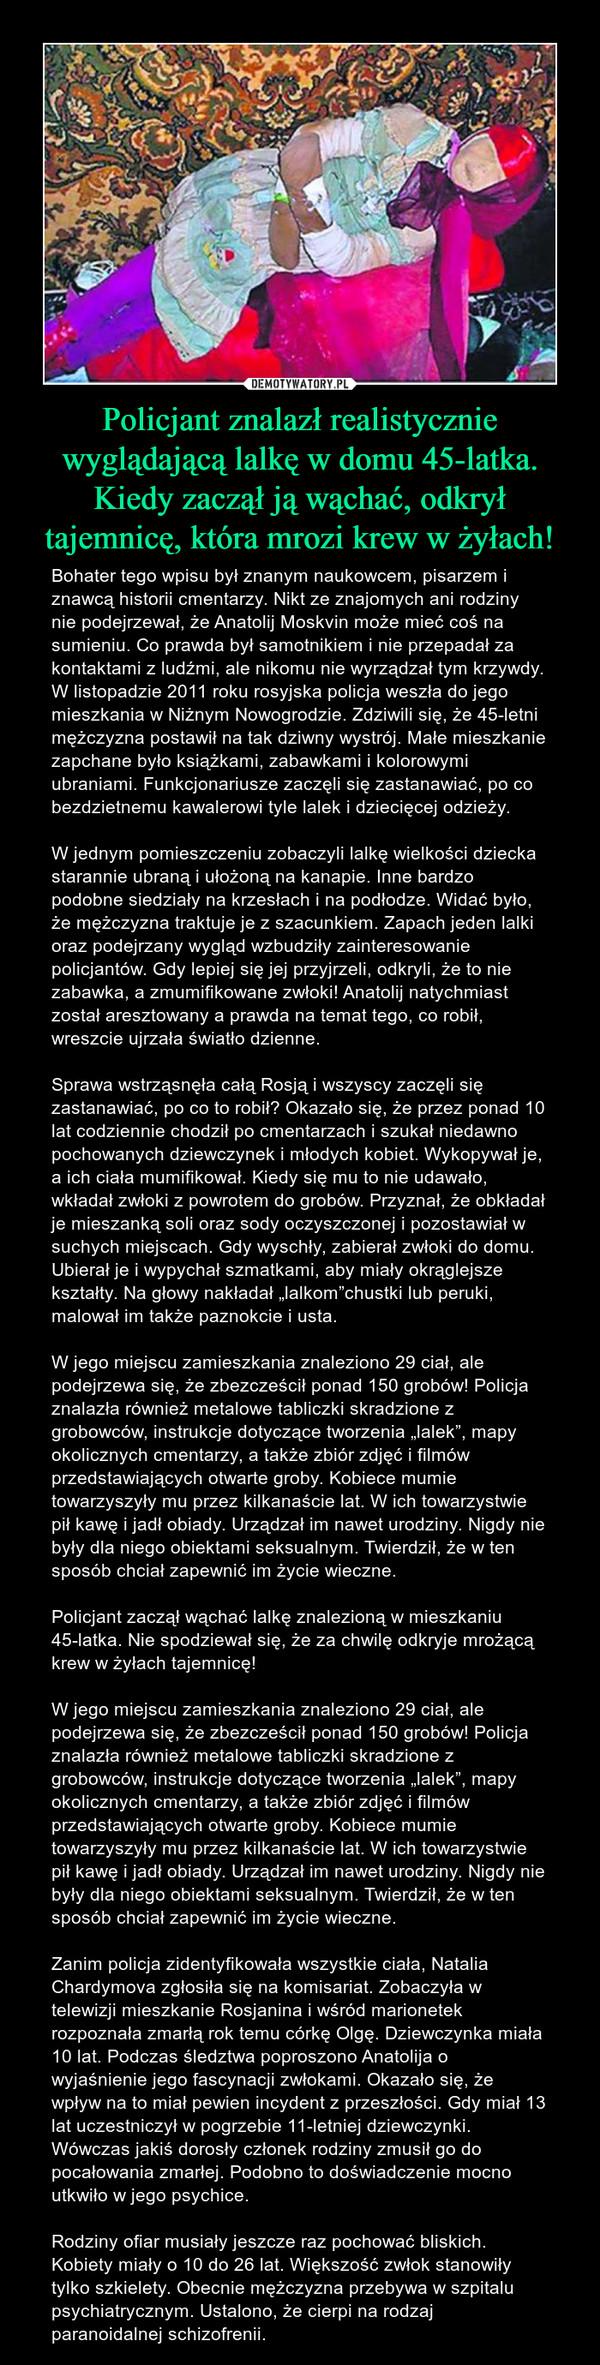 """Policjant znalazł realistycznie wyglądającą lalkę w domu 45-latka. Kiedy zaczął ją wąchać, odkrył tajemnicę, która mrozi krew w żyłach! – Bohater tego wpisu był znanym naukowcem, pisarzem i znawcą historii cmentarzy. Nikt ze znajomych ani rodziny nie podejrzewał, że Anatolij Moskvin może mieć coś na sumieniu. Co prawda był samotnikiem i nie przepadał za kontaktami z ludźmi, ale nikomu nie wyrządzał tym krzywdy. W listopadzie 2011 roku rosyjska policja weszła do jego mieszkania w Niżnym Nowogrodzie. Zdziwili się, że 45-letni mężczyzna postawił na tak dziwny wystrój. Małe mieszkanie zapchane było książkami, zabawkami i kolorowymi ubraniami. Funkcjonariusze zaczęli się zastanawiać, po co bezdzietnemu kawalerowi tyle lalek i dziecięcej odzieży.W jednym pomieszczeniu zobaczyli lalkę wielkości dziecka starannie ubraną i ułożoną na kanapie. Inne bardzo podobne siedziały na krzesłach i na podłodze. Widać było, że mężczyzna traktuje je z szacunkiem. Zapach jeden lalki oraz podejrzany wygląd wzbudziły zainteresowanie policjantów. Gdy lepiej się jej przyjrzeli, odkryli, że to nie zabawka, a zmumifikowane zwłoki! Anatolij natychmiast został aresztowany a prawda na temat tego, co robił, wreszcie ujrzała światło dzienne.Sprawa wstrząsnęła całą Rosją i wszyscy zaczęli się zastanawiać, po co to robił? Okazało się, że przez ponad 10 lat codziennie chodził po cmentarzach i szukał niedawno pochowanych dziewczynek i młodych kobiet. Wykopywał je, a ich ciała mumifikował. Kiedy się mu to nie udawało, wkładał zwłoki z powrotem do grobów. Przyznał, że obkładał je mieszanką soli oraz sody oczyszczonej i pozostawiał w suchych miejscach. Gdy wyschły, zabierał zwłoki do domu. Ubierał je i wypychał szmatkami, aby miały okrąglejsze kształty. Na głowy nakładał """"lalkom""""chustki lub peruki, malował im także paznokcie i usta.W jego miejscu zamieszkania znaleziono 29 ciał, ale podejrzewa się, że zbezcześcił ponad 150 grobów! Policja znalazła również metalowe tabliczki skradzione z grobowców, instrukcj"""